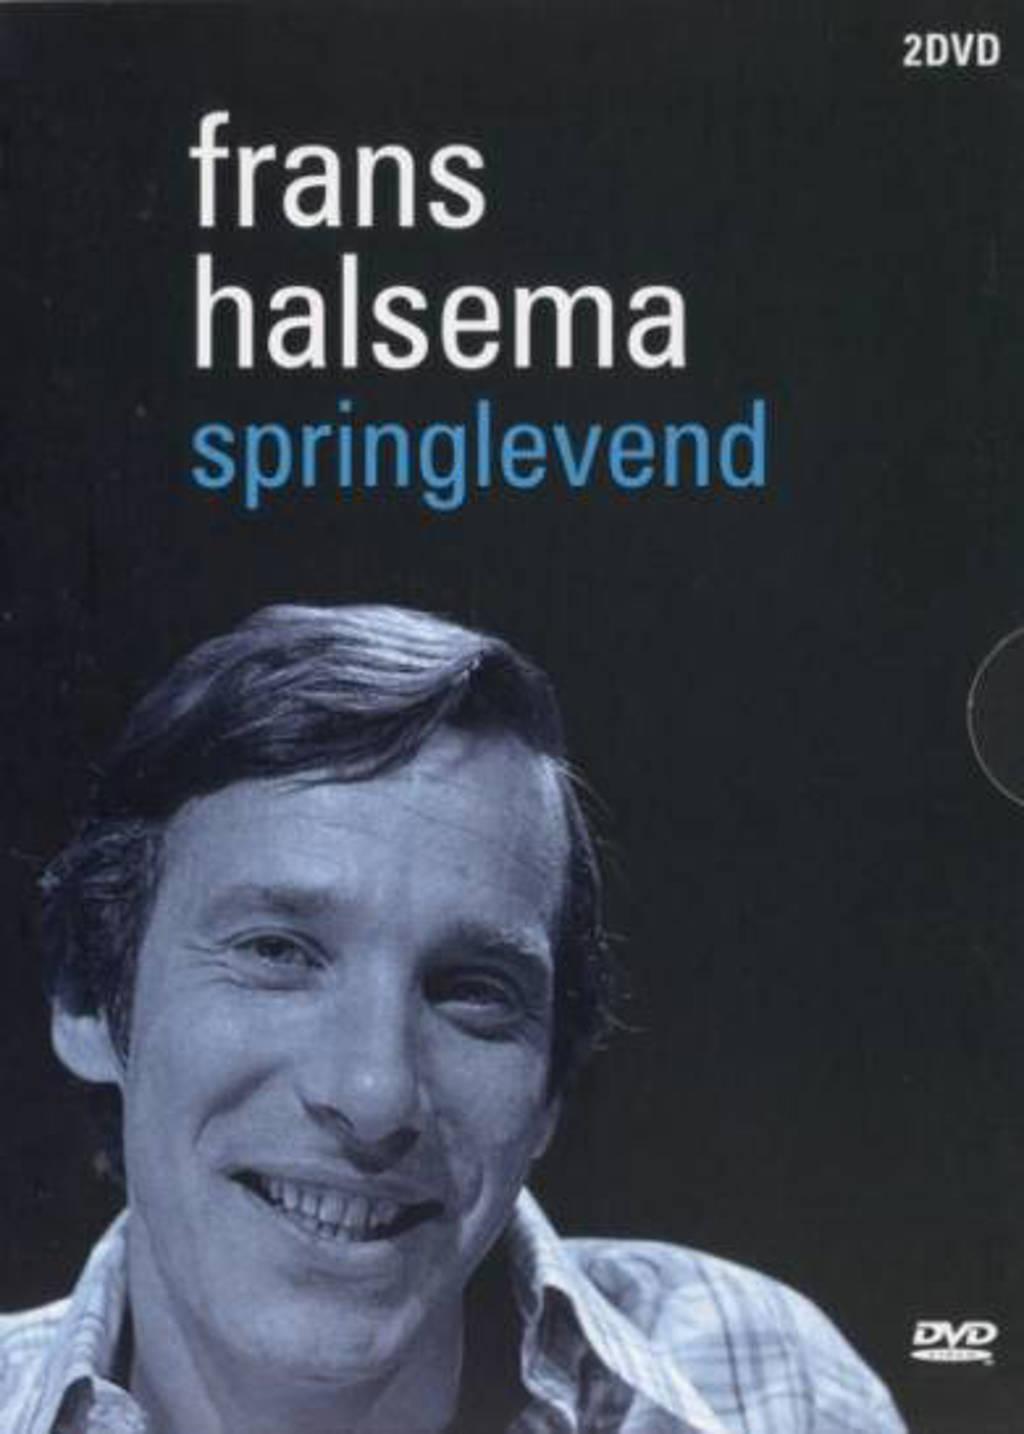 Frans Halsema - Springlevend (DVD)